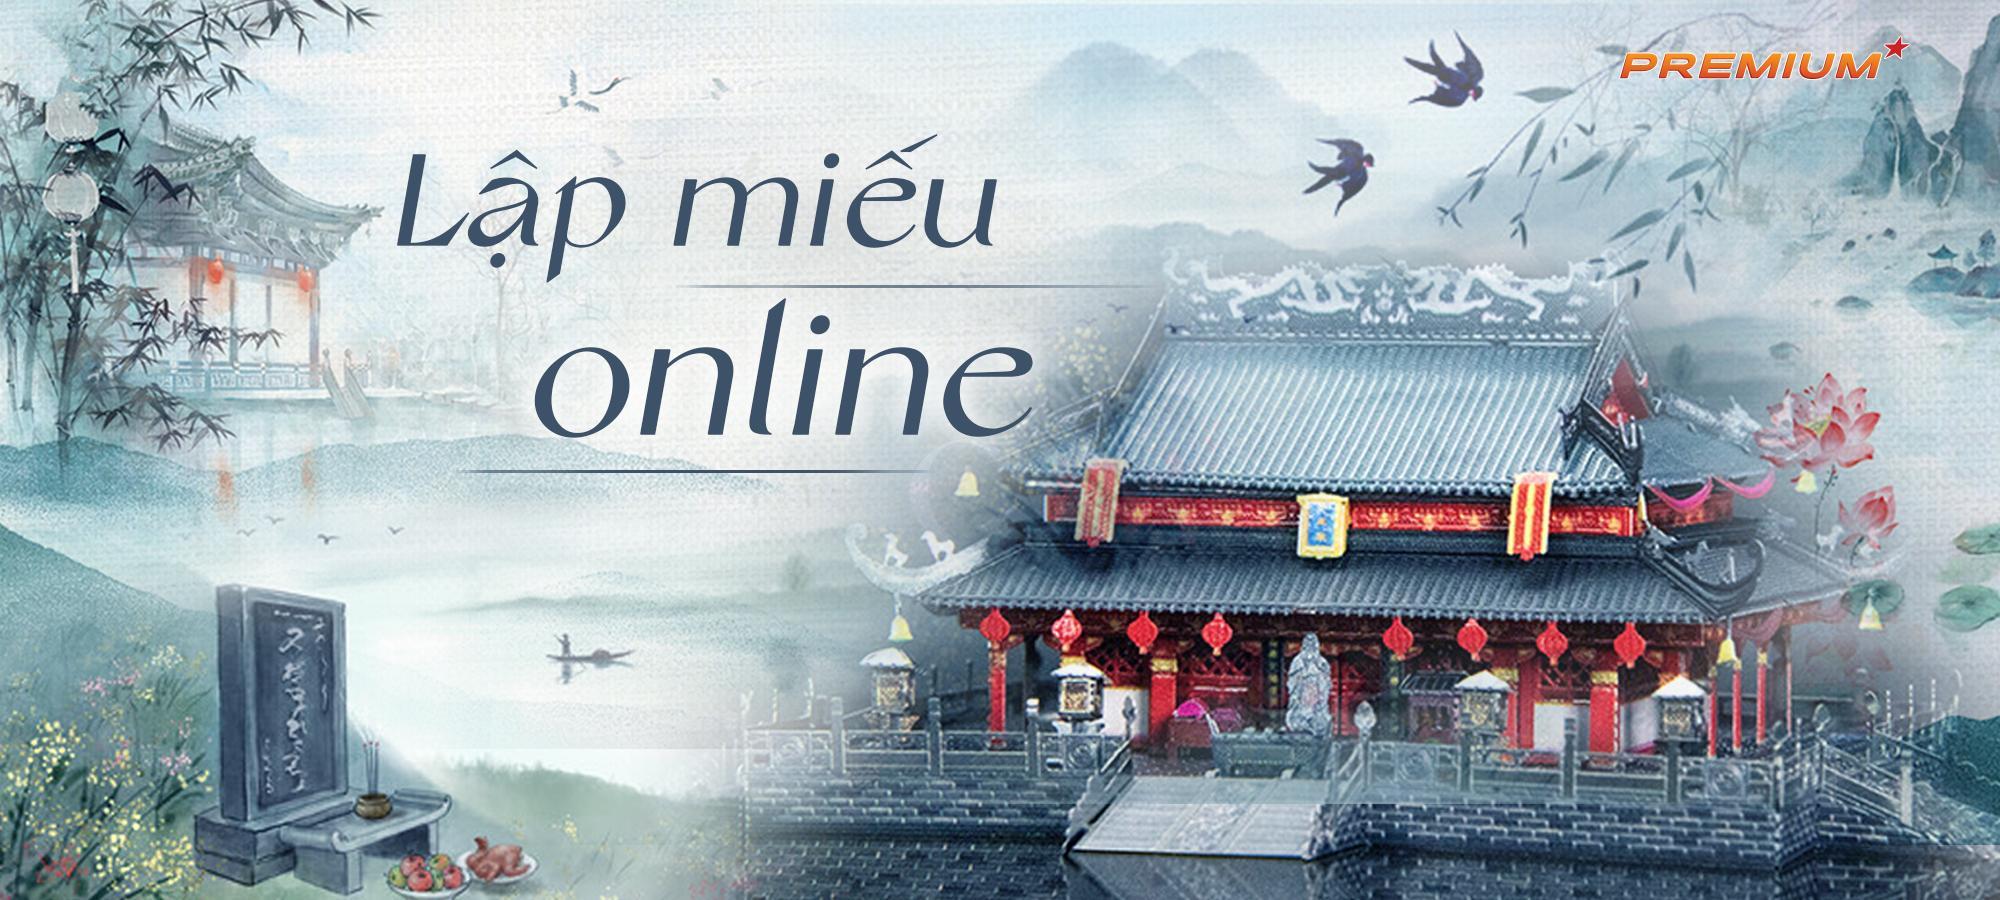 Lập miếu online